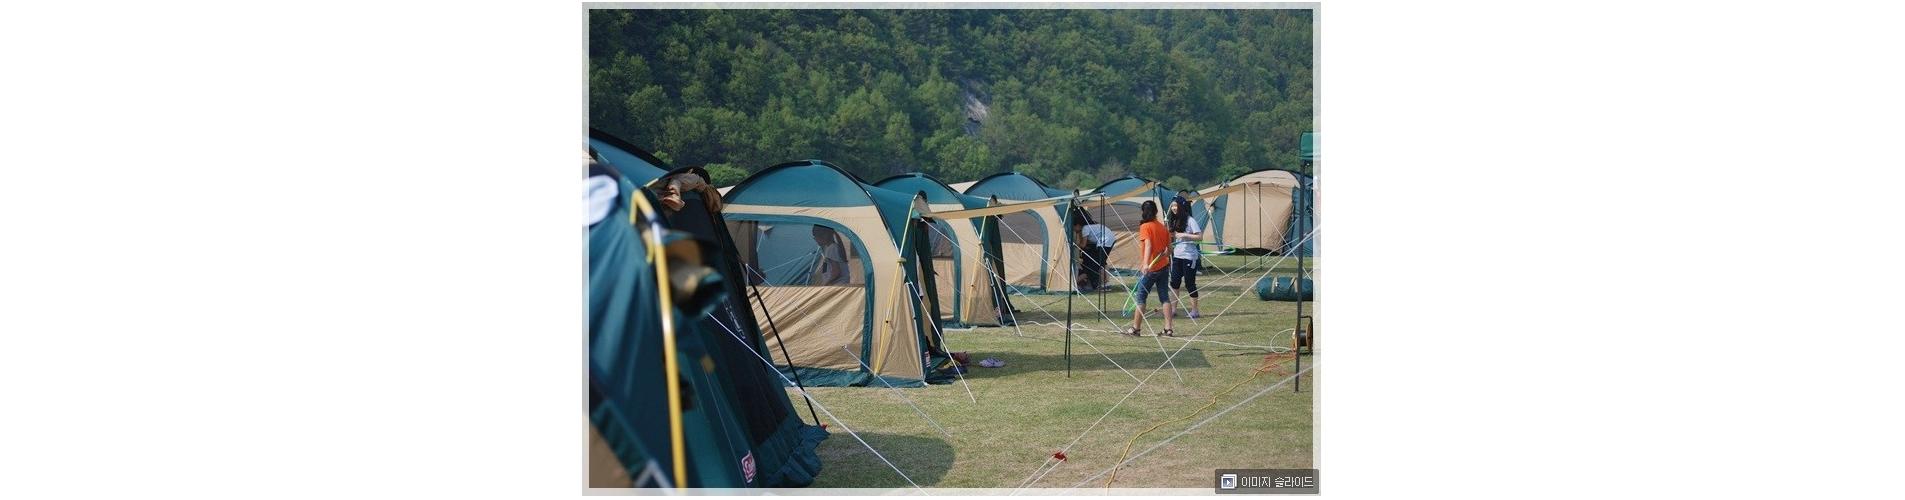 2013 봄캠핑-적벽강 Day 1-2